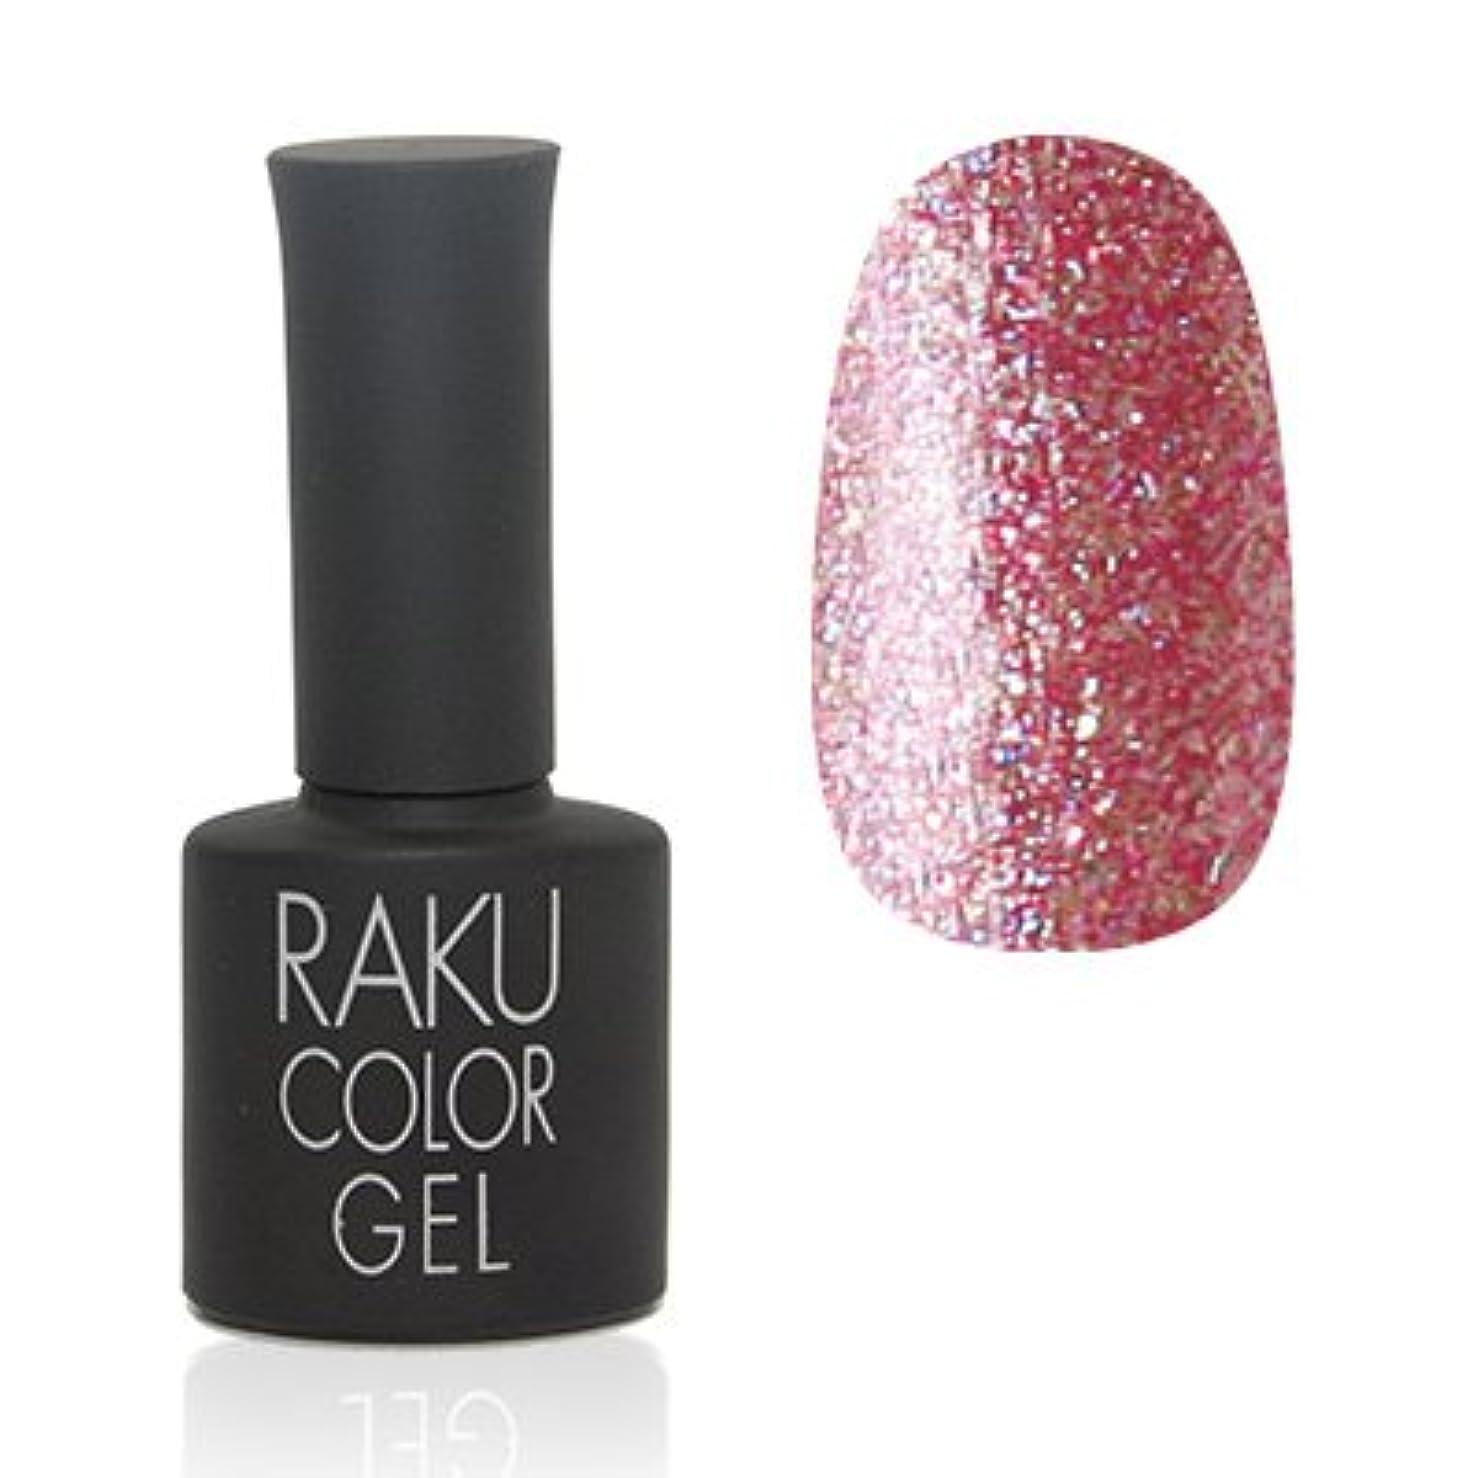 溶けたところでフォーマットラク カラージェル(44-ピンクダイヤモンド)8g 今話題のラクジェル 素早く仕上カラージェル 抜群の発色とツヤ 国産ポリッシュタイプ オールインワン ワンステップジェルネイル RAKU COLOR GEL #44